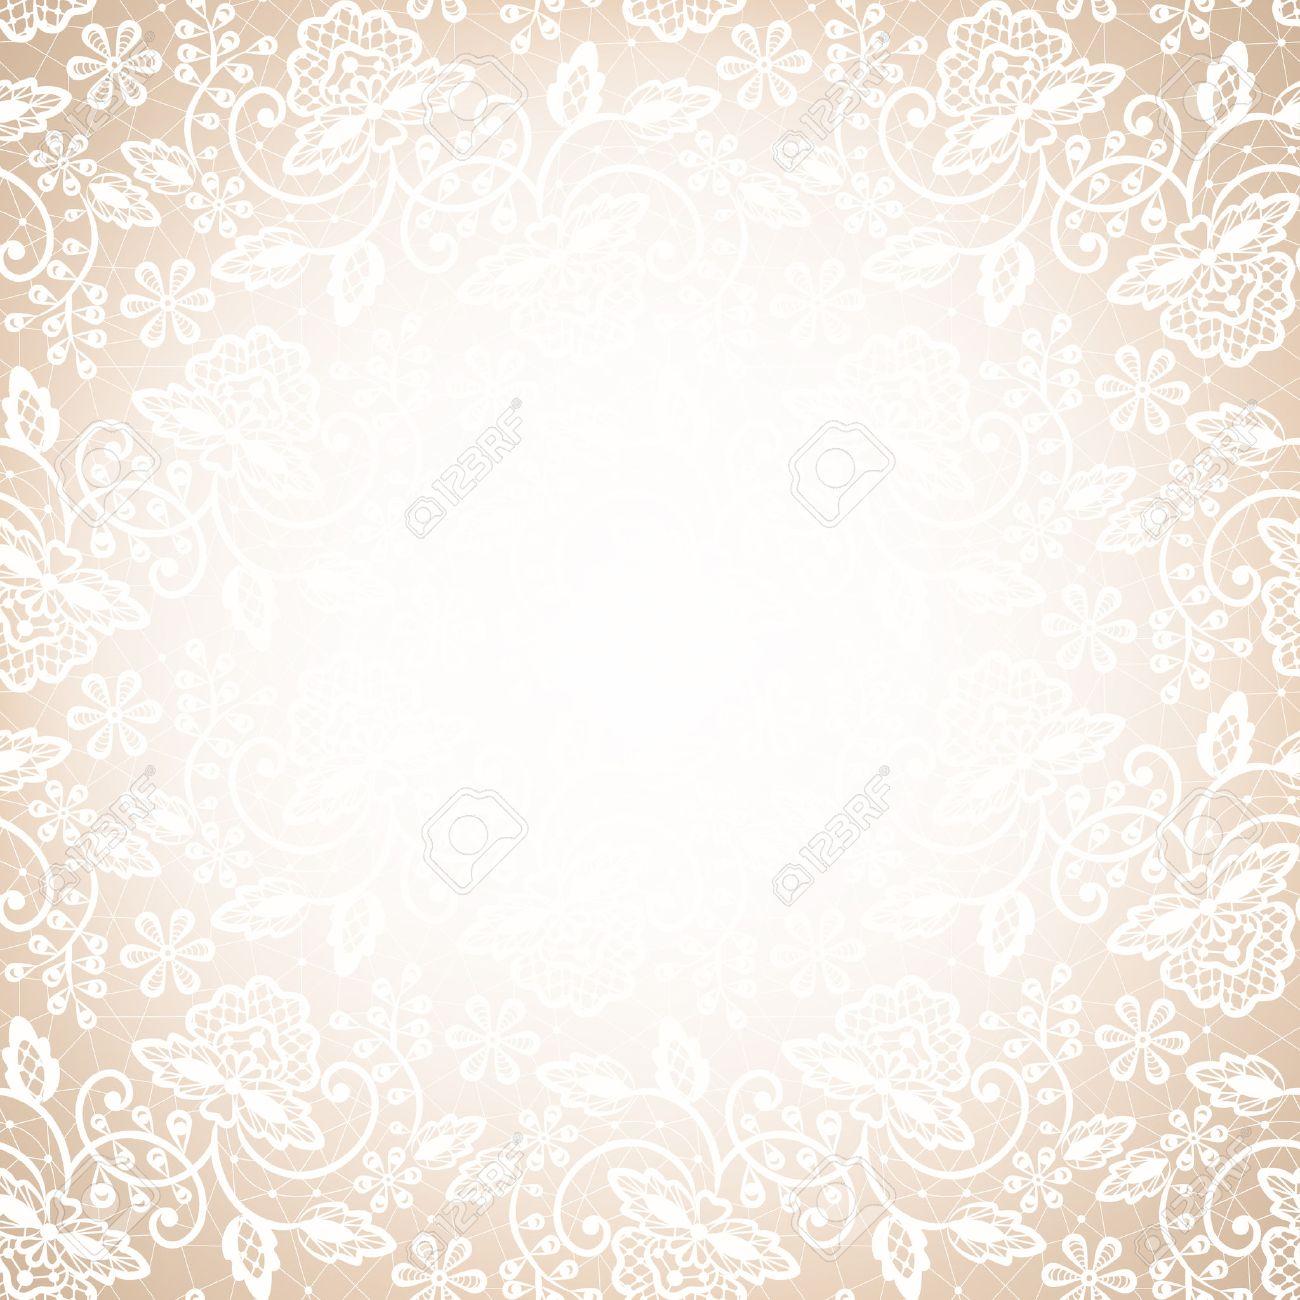 Standard Bild   Vorlage Für Hochzeit, Einladung Oder Grußkarte Mit Weißen  Spitzen Rahmen Auf Beige Hintergrund